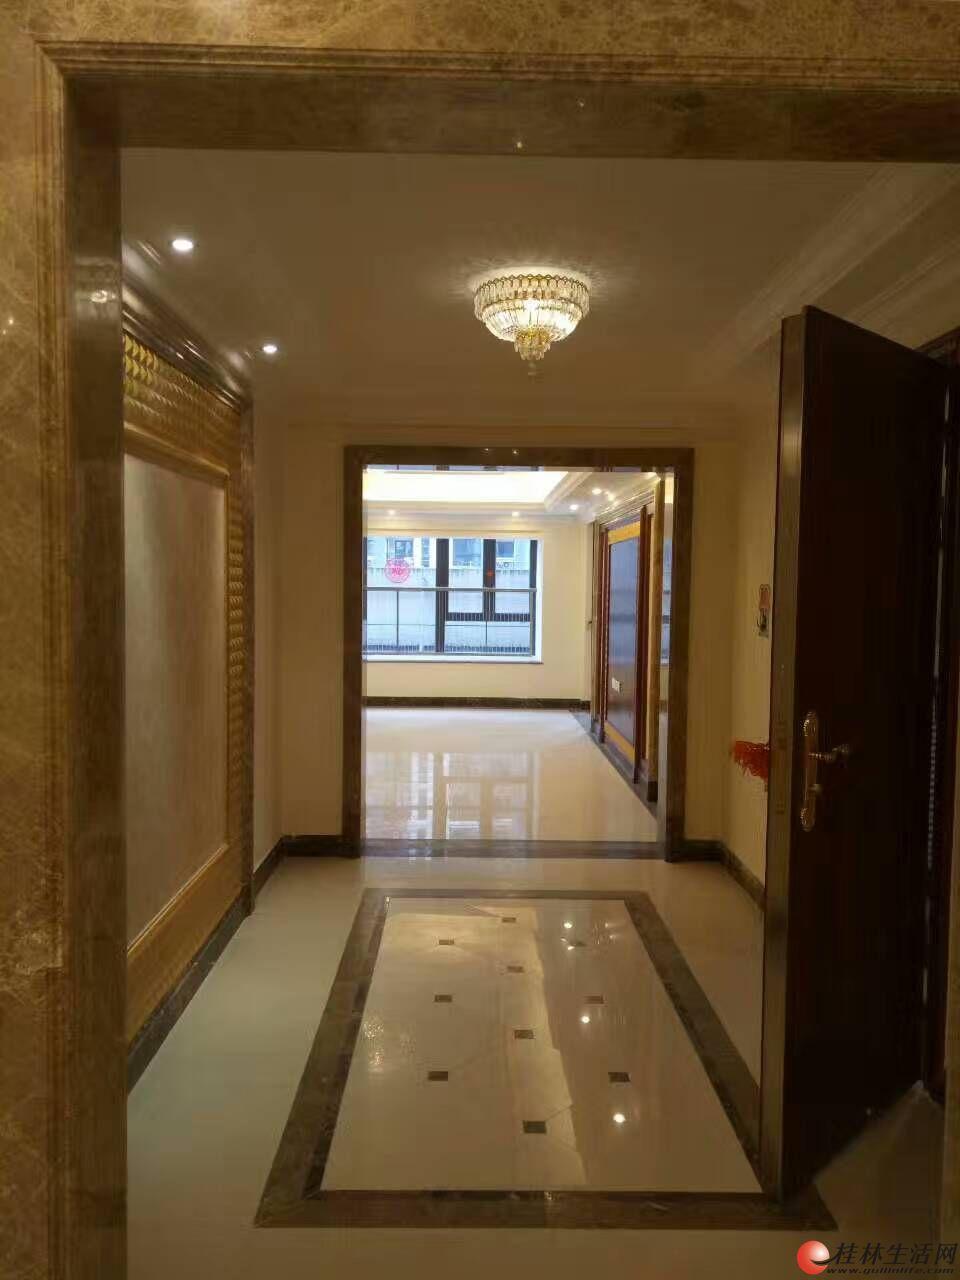 恒大广场全新豪华公寓277平米